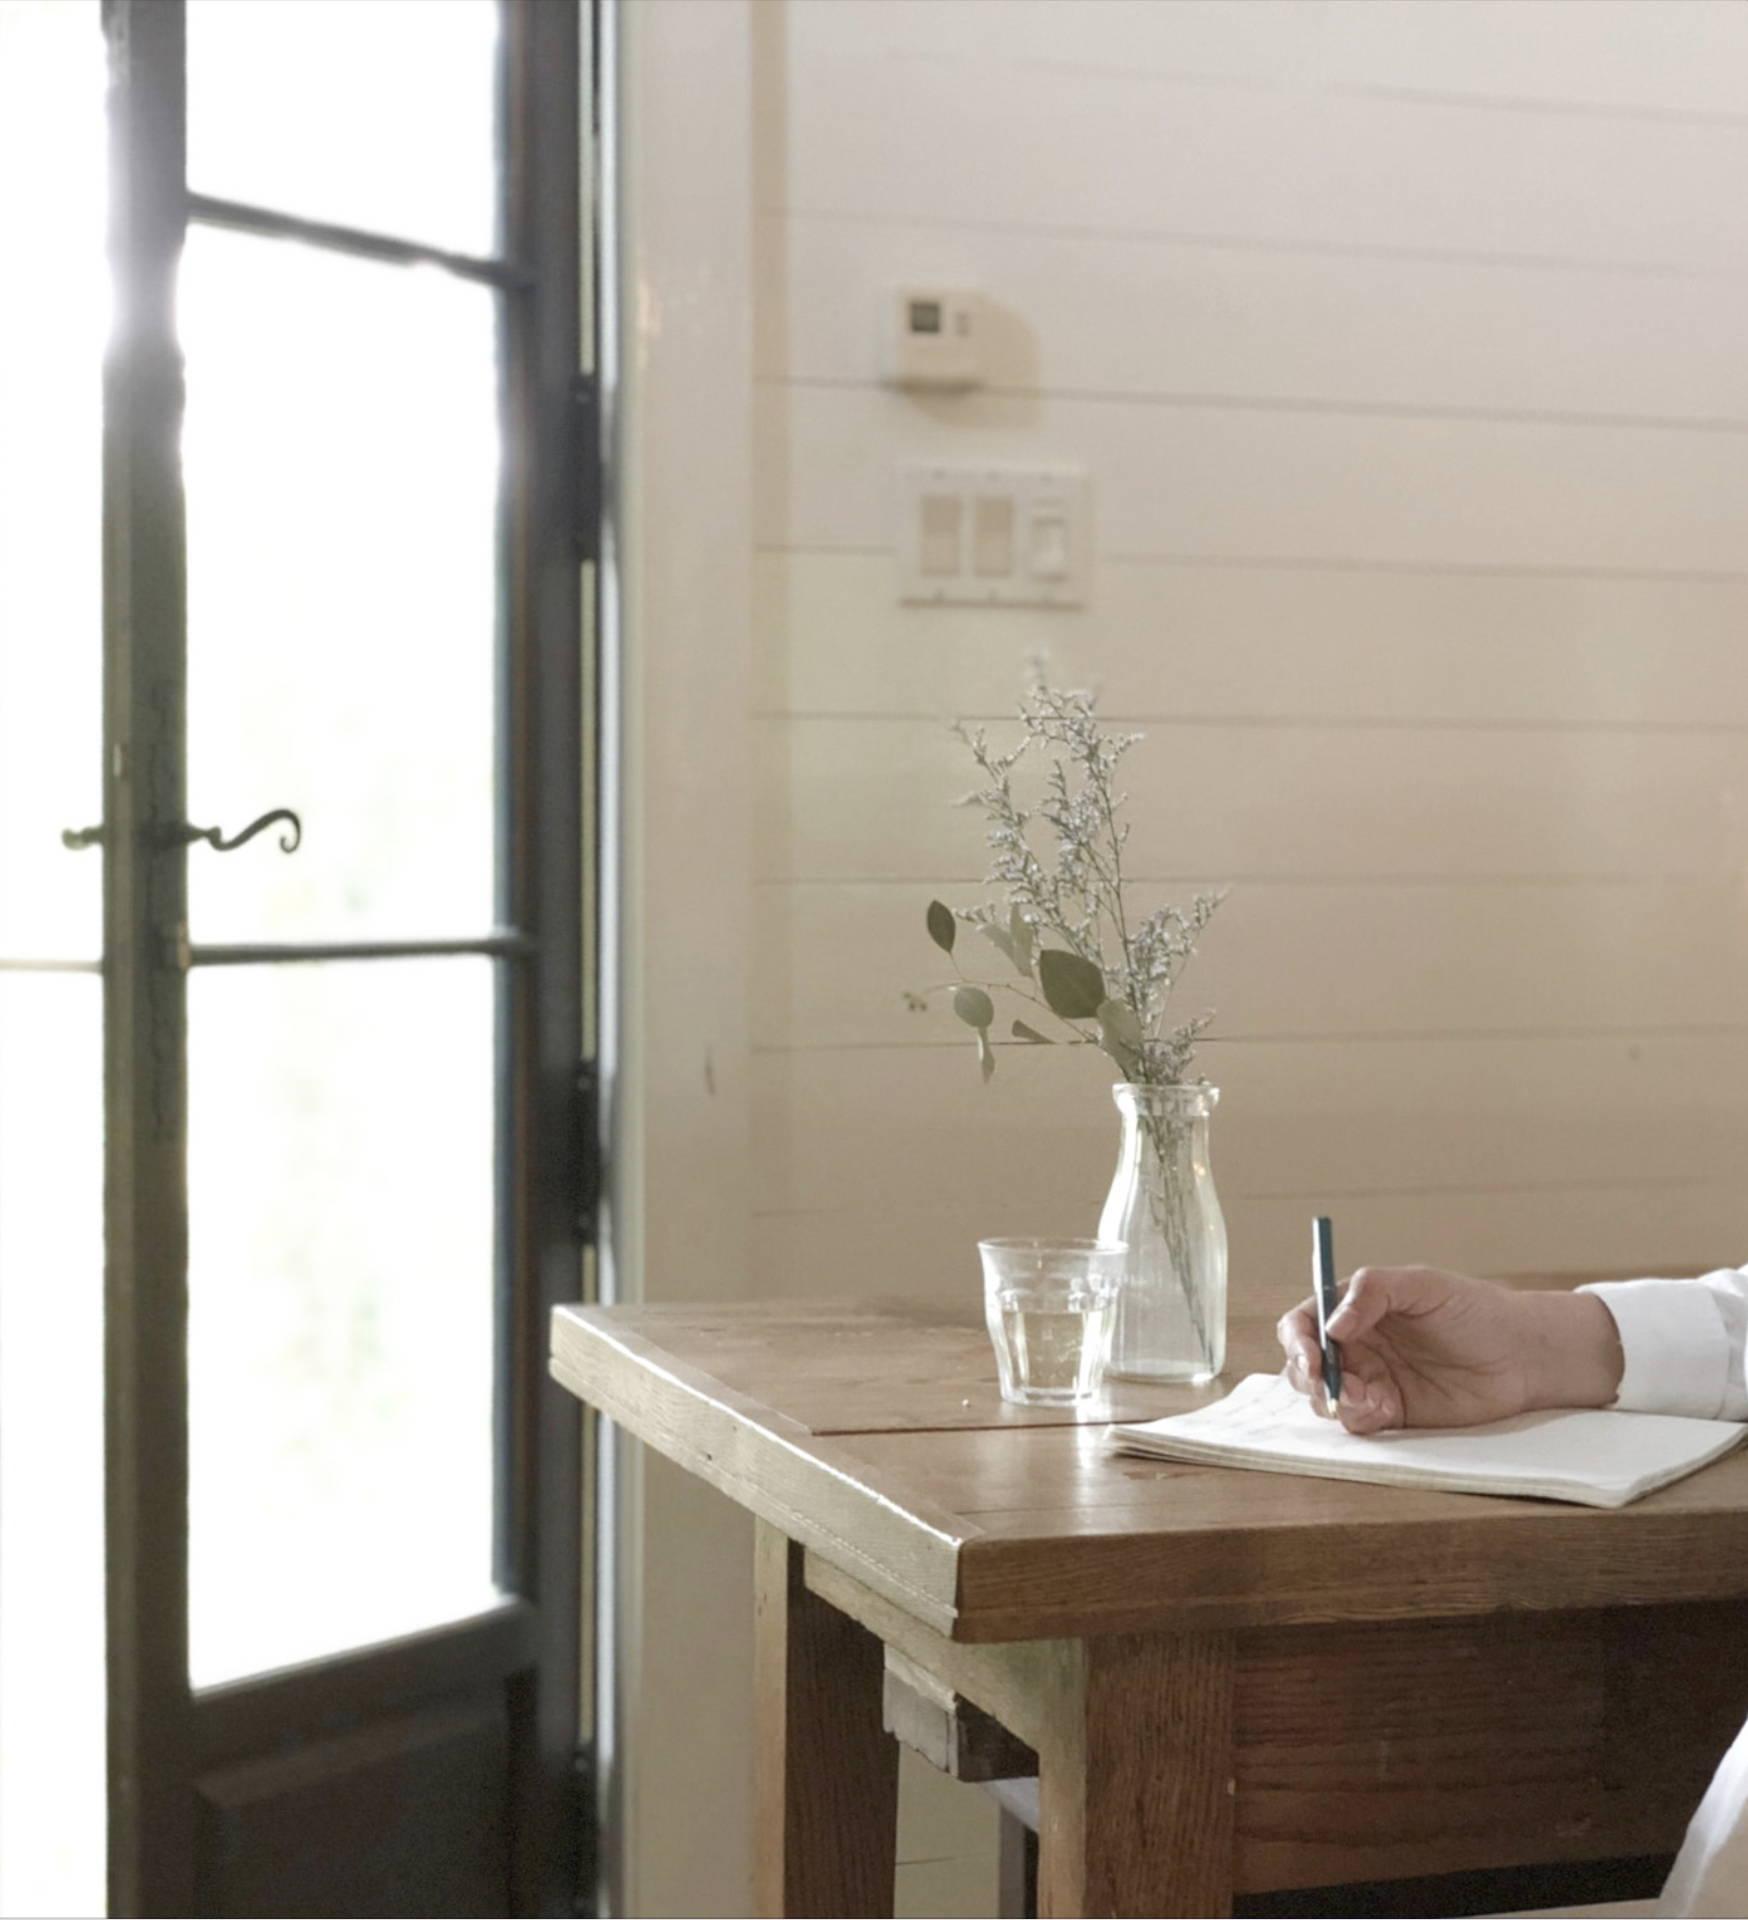 Une initiation au slow living - Chllenge gratitude: de découragé à émerveillé en 30 jours